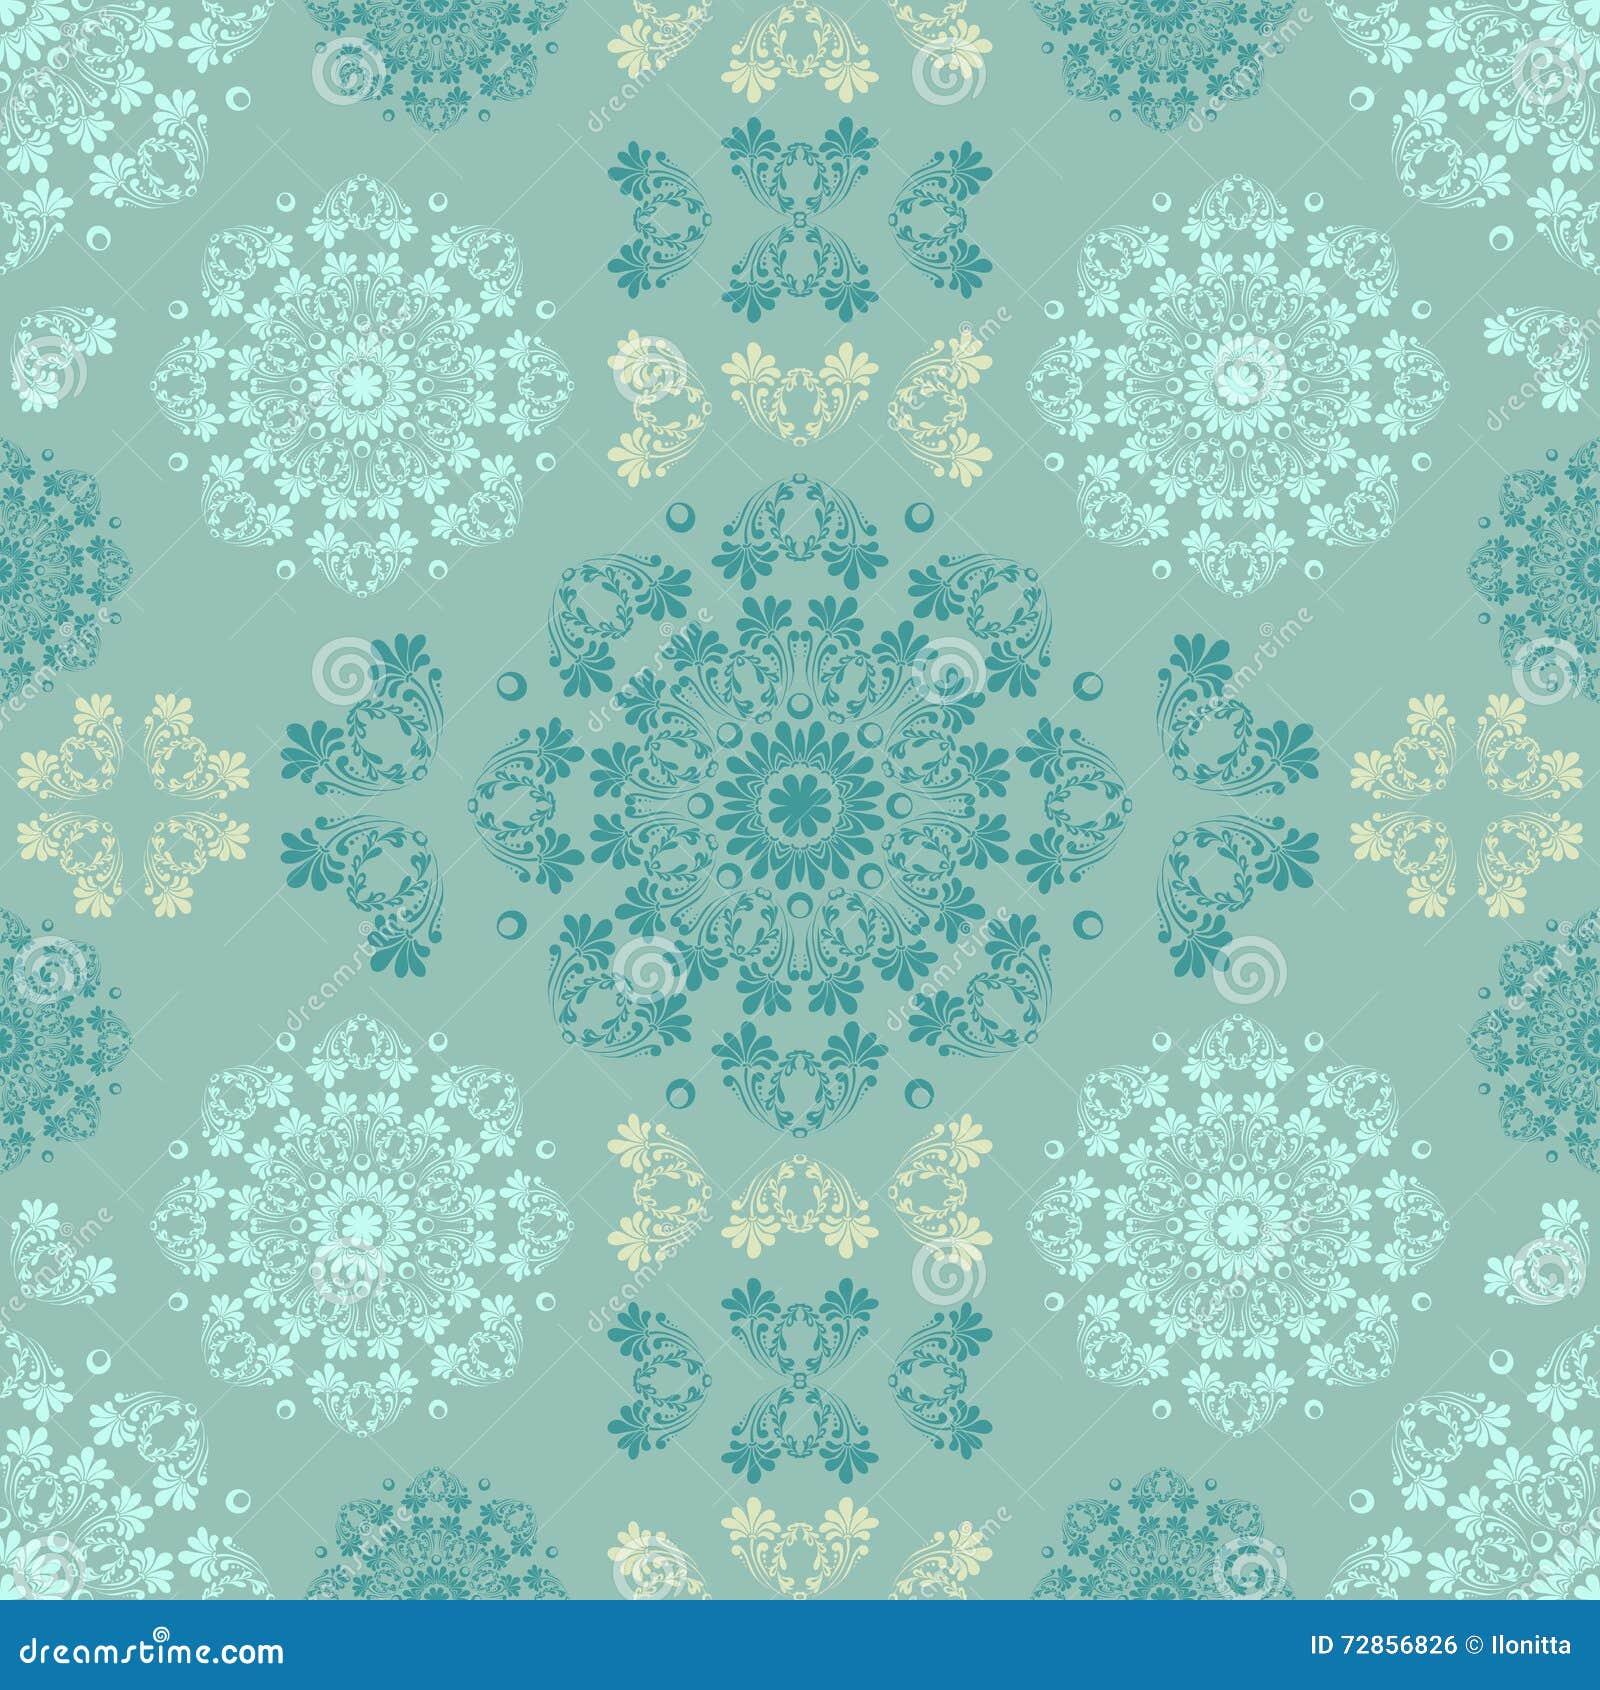 blaues nahtloses muster fr wand tapetengewebe textildesign mit mandalen und dekorative weinlese modische farbe und weinleseelemente auch im corel - Muster Fur Wand